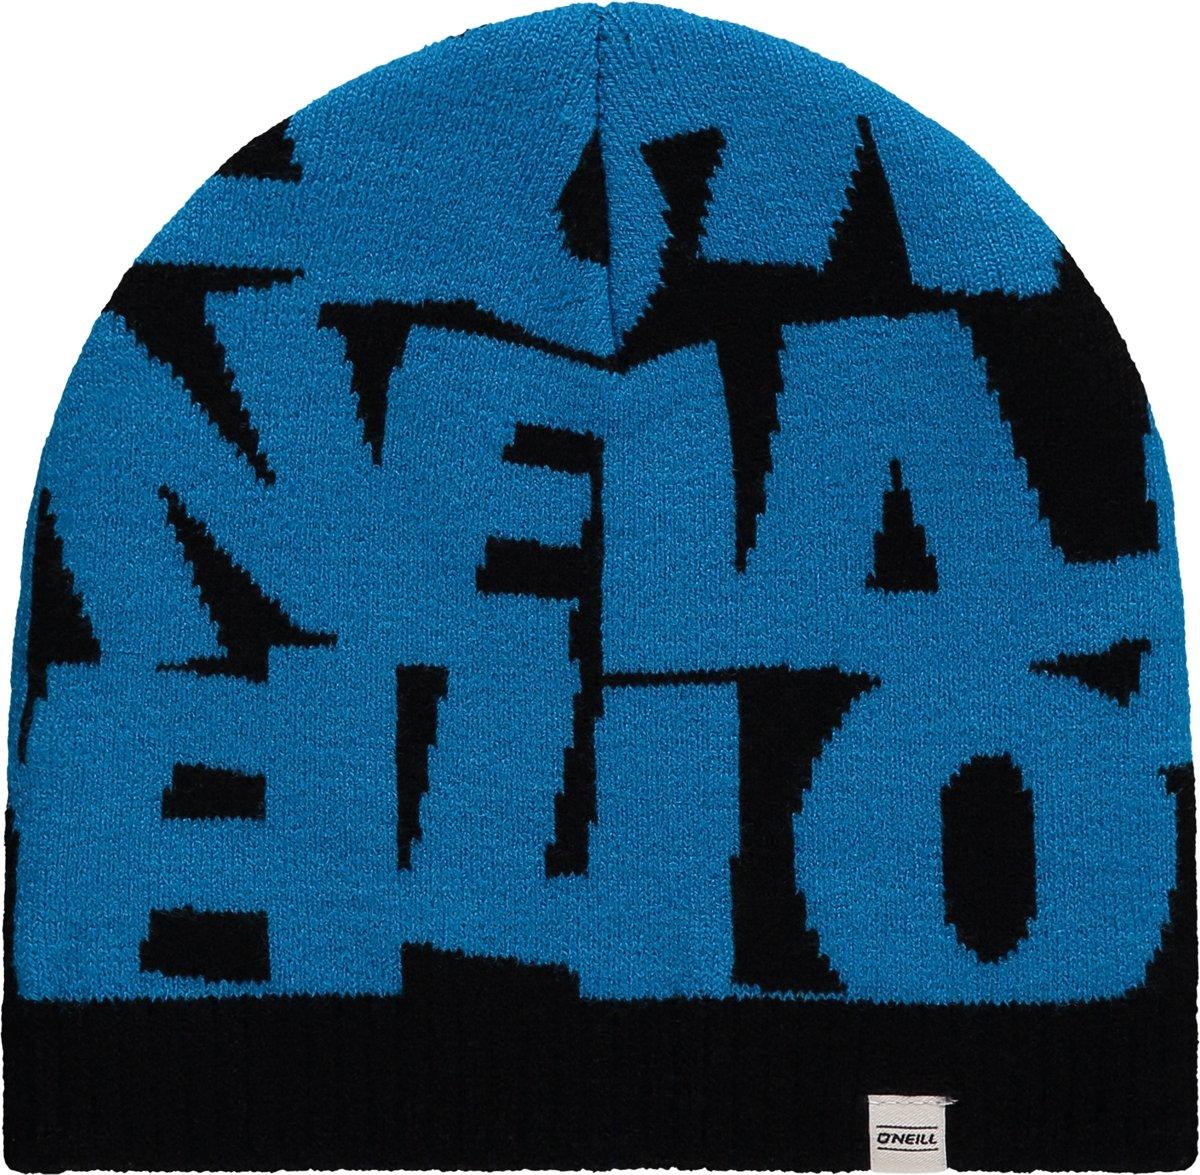 O'Neill Kindermuts Bb boys o'neill - Black Aop W/ Blue - One Size kopen